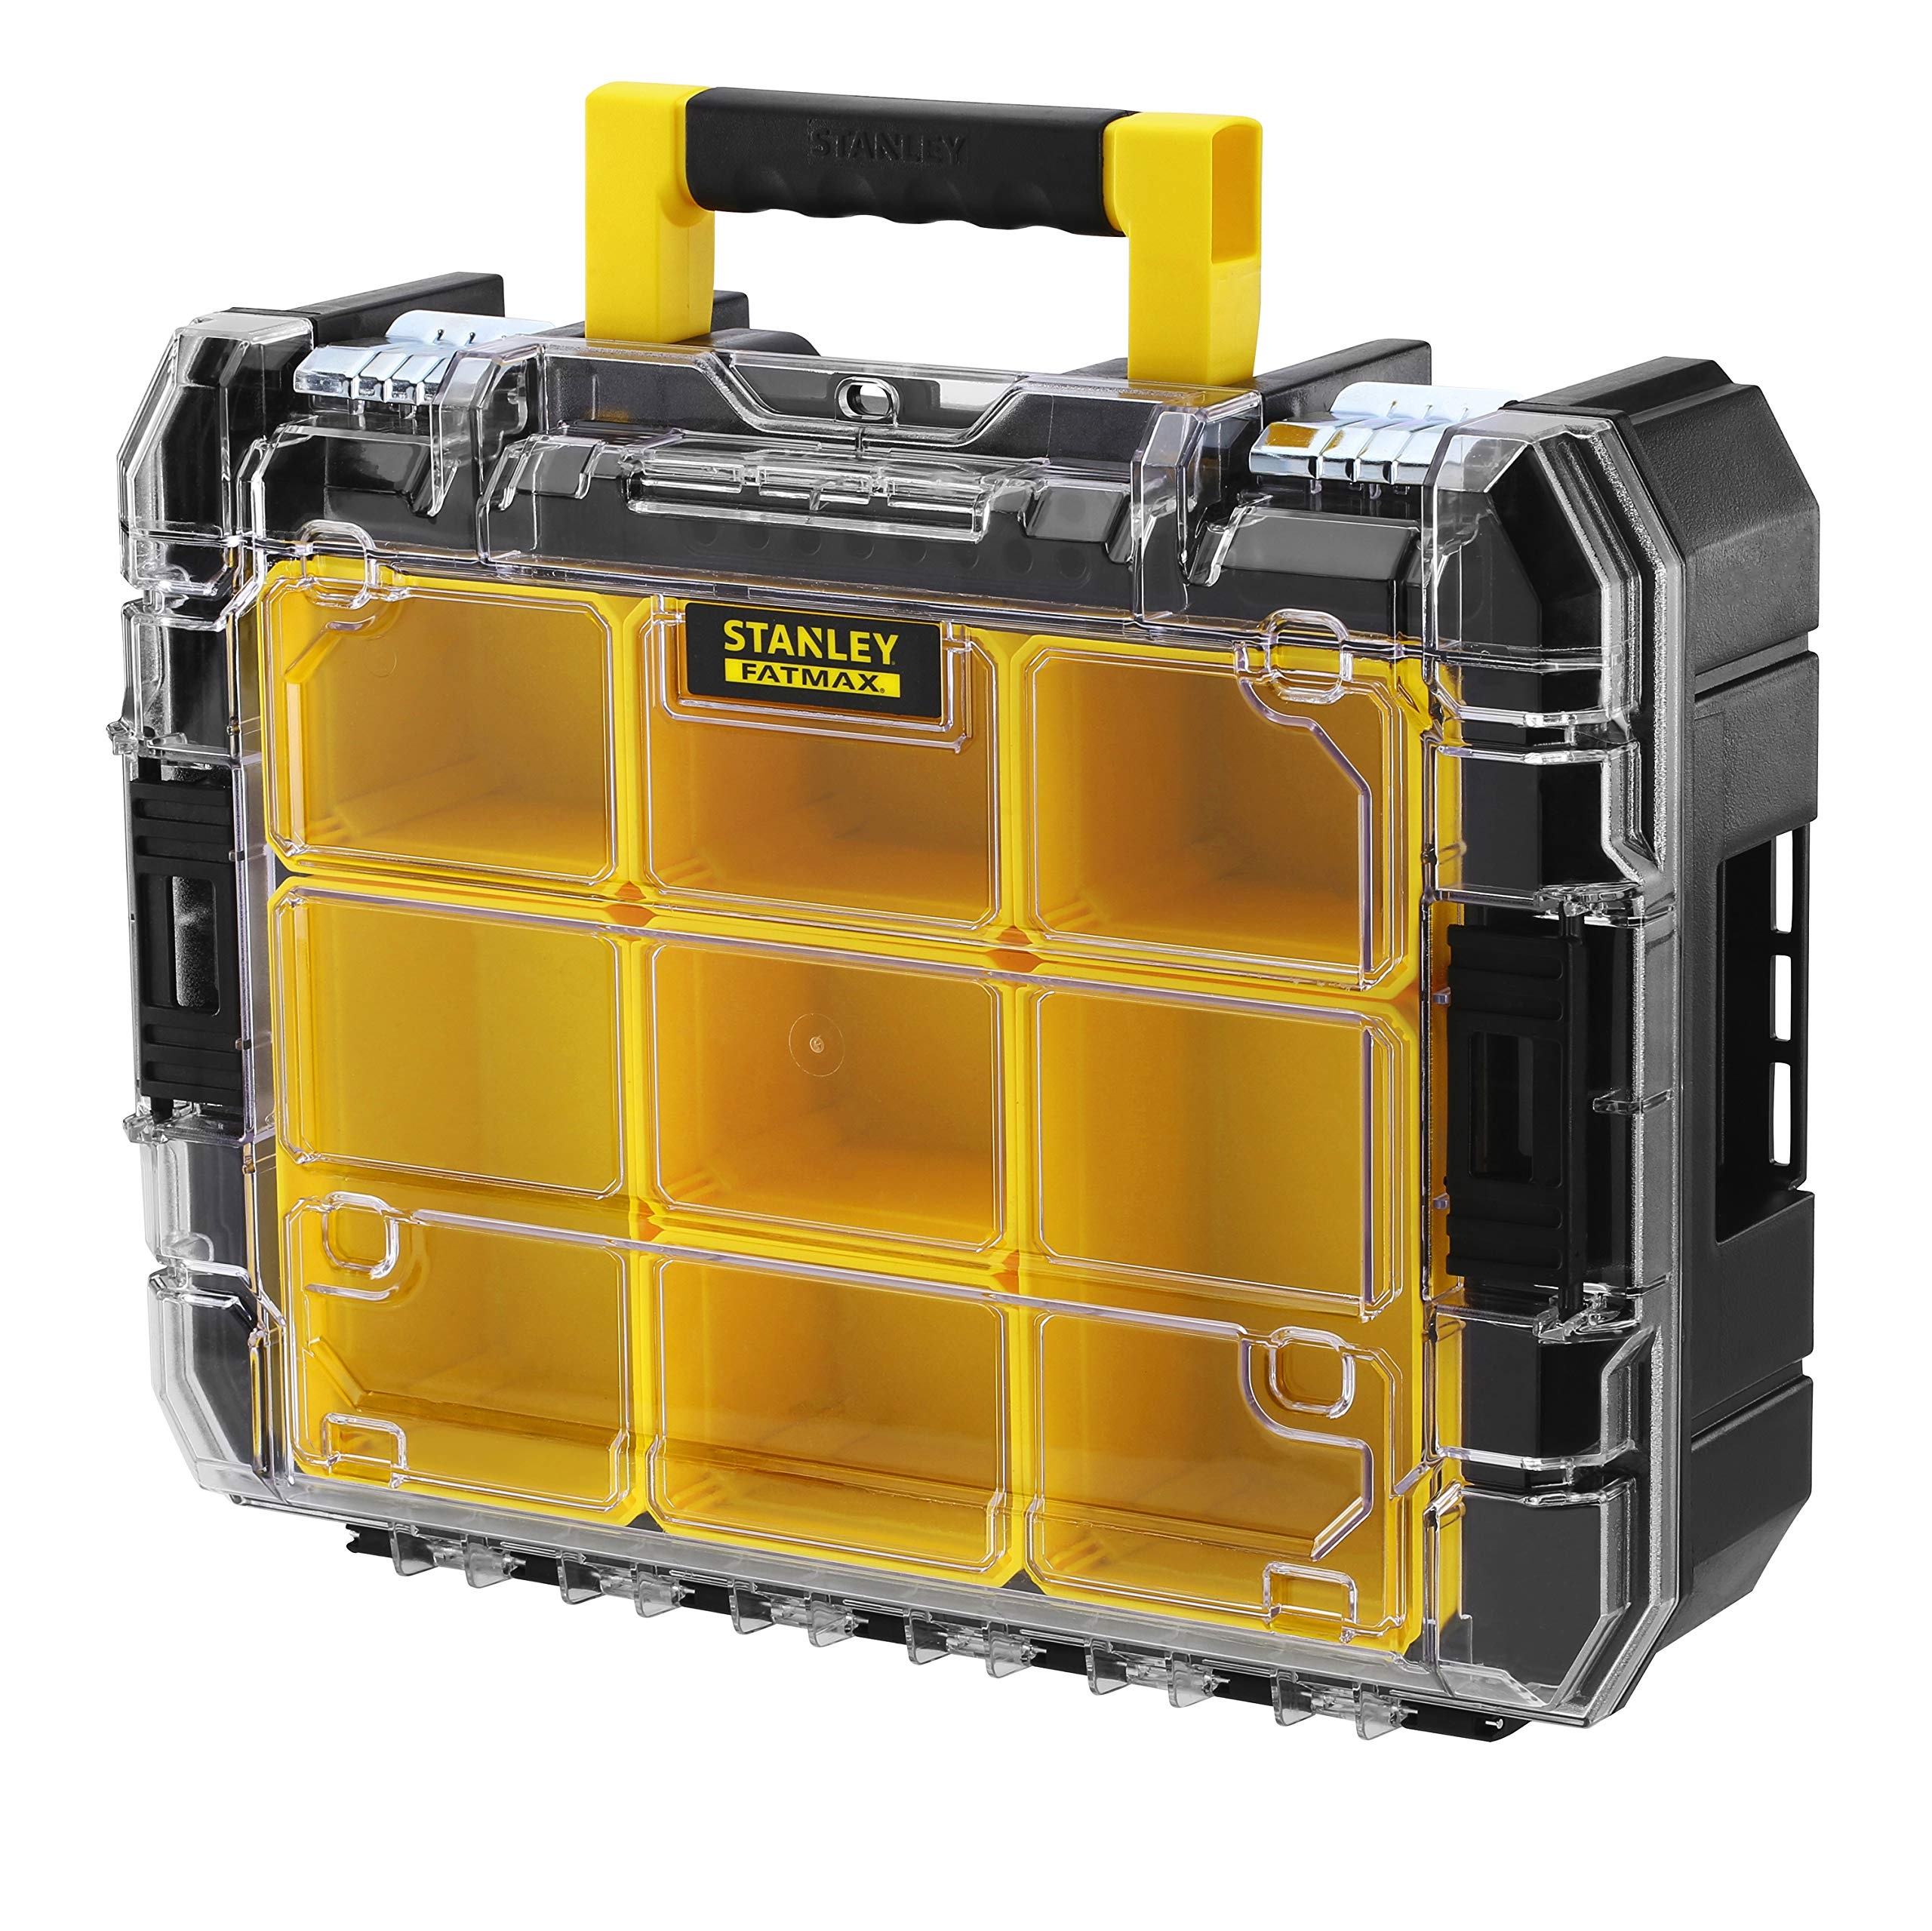 Stanley FMST1-71970 FMST1-71970-Organizador con Tapa Transparente Pro-STAK V FatMax: Amazon.es: Bricolaje y herramientas